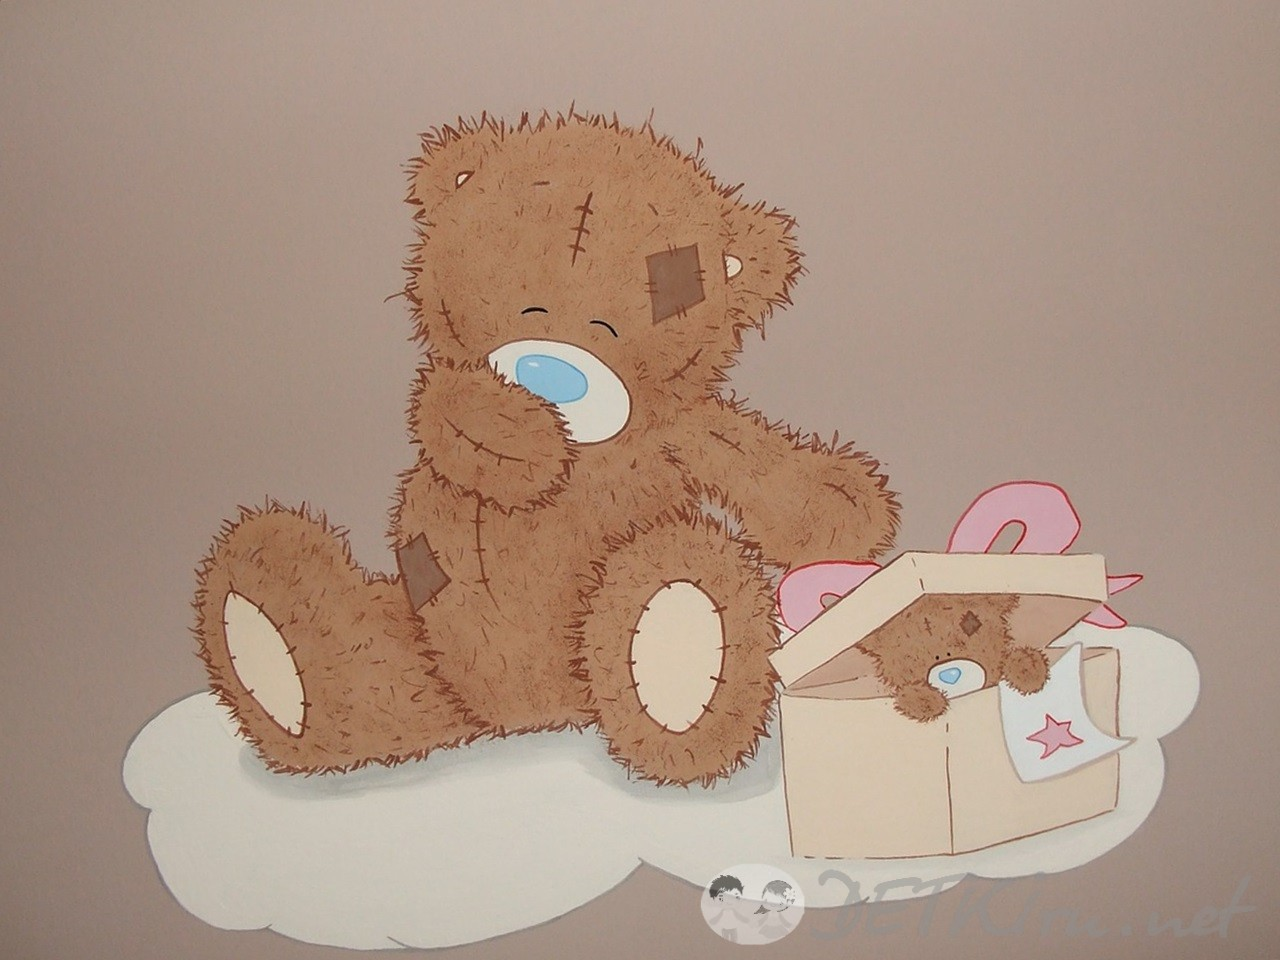 медвежонок, стих о мишке-игрушке